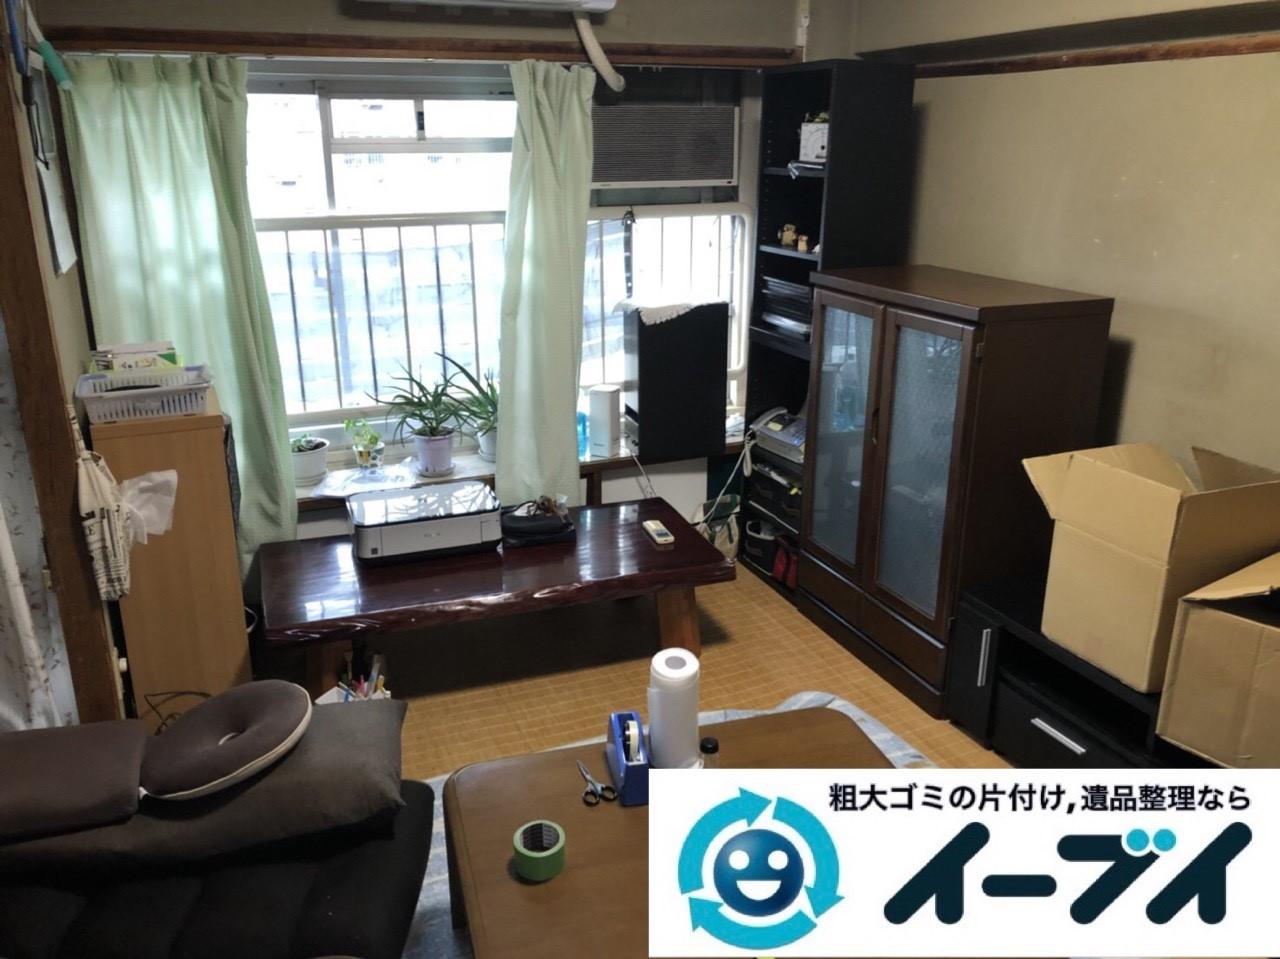 2019年1月20日大阪府港区で大型家具処分をはじめ細かな生活用品などの不用品回収をさせていただきました。写真1